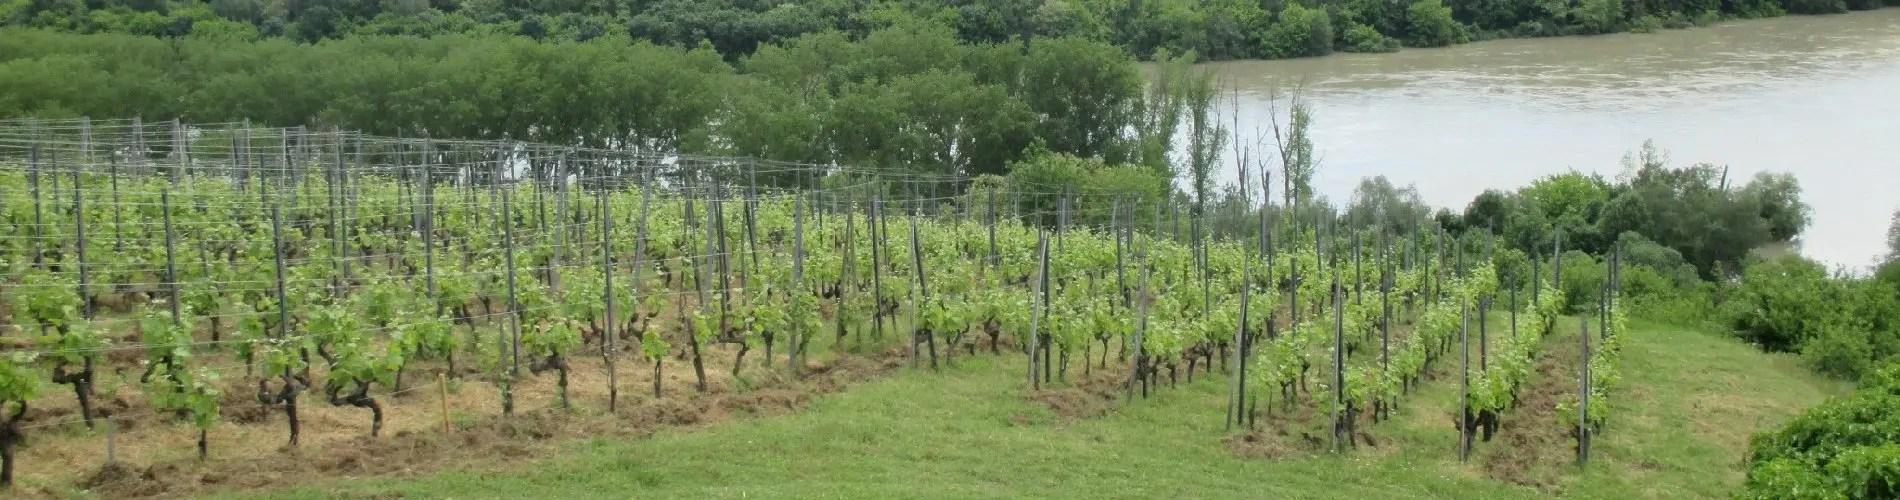 Rhone Valley vines